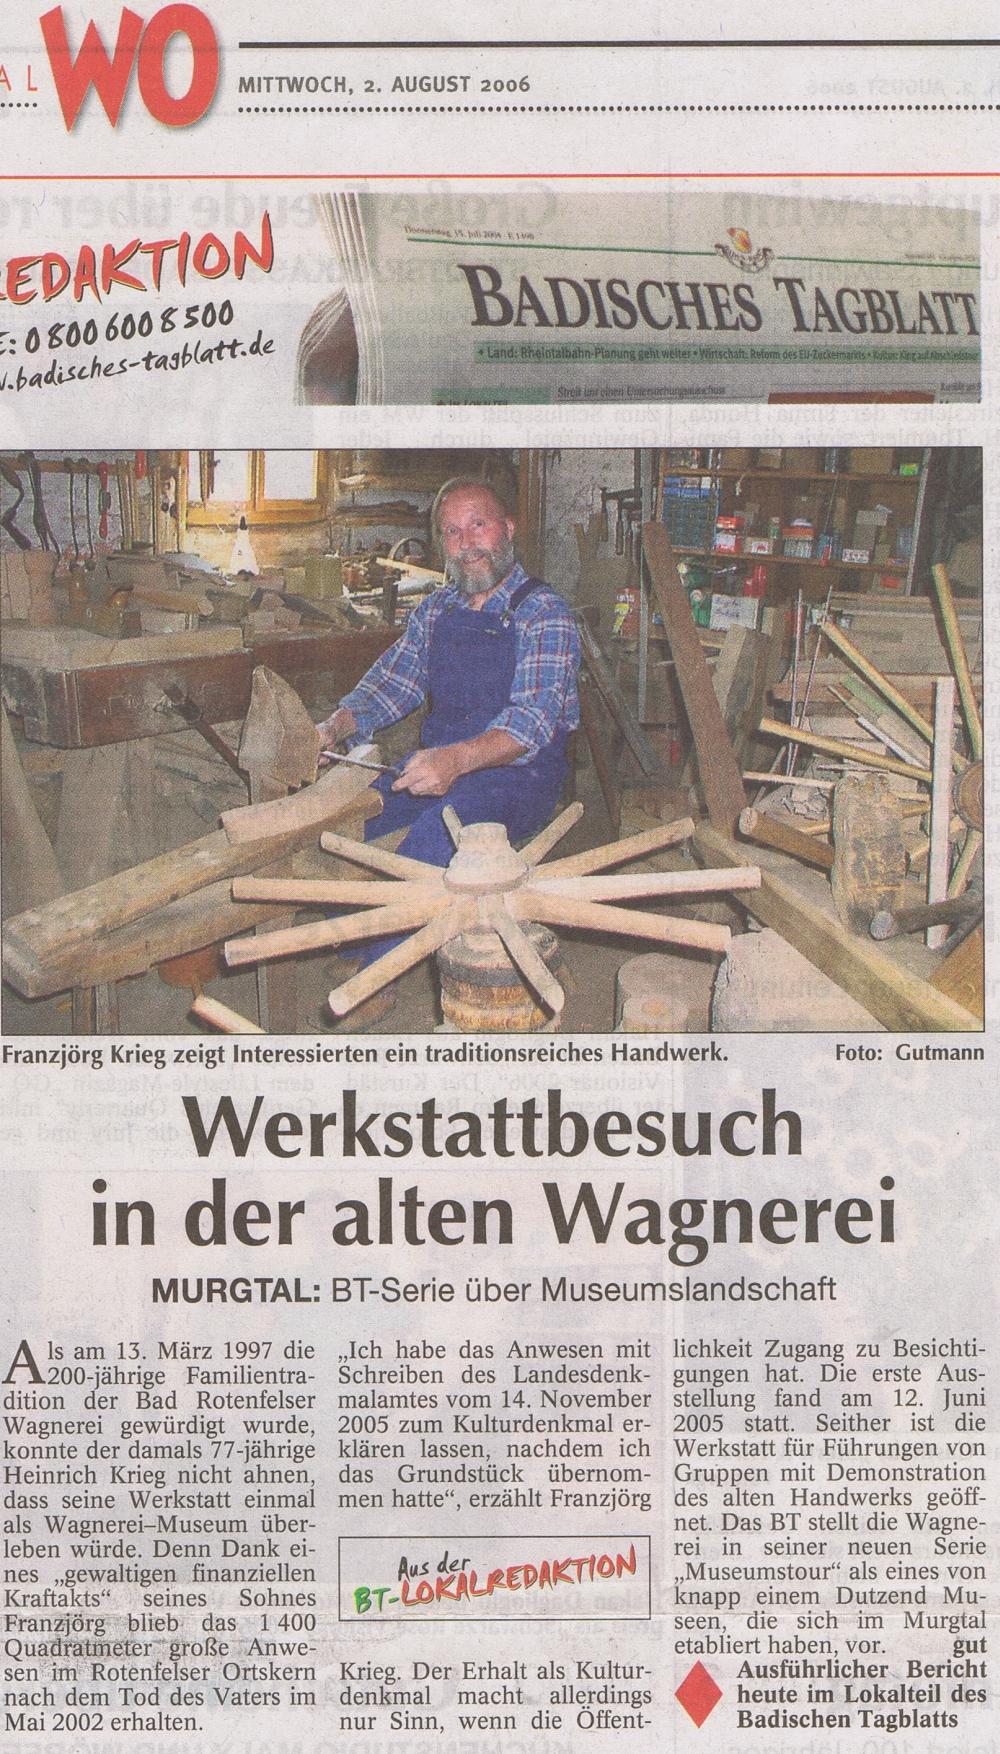 060802_print_wo_werkstattbesuch-in-der-alten-wagnerei_1000